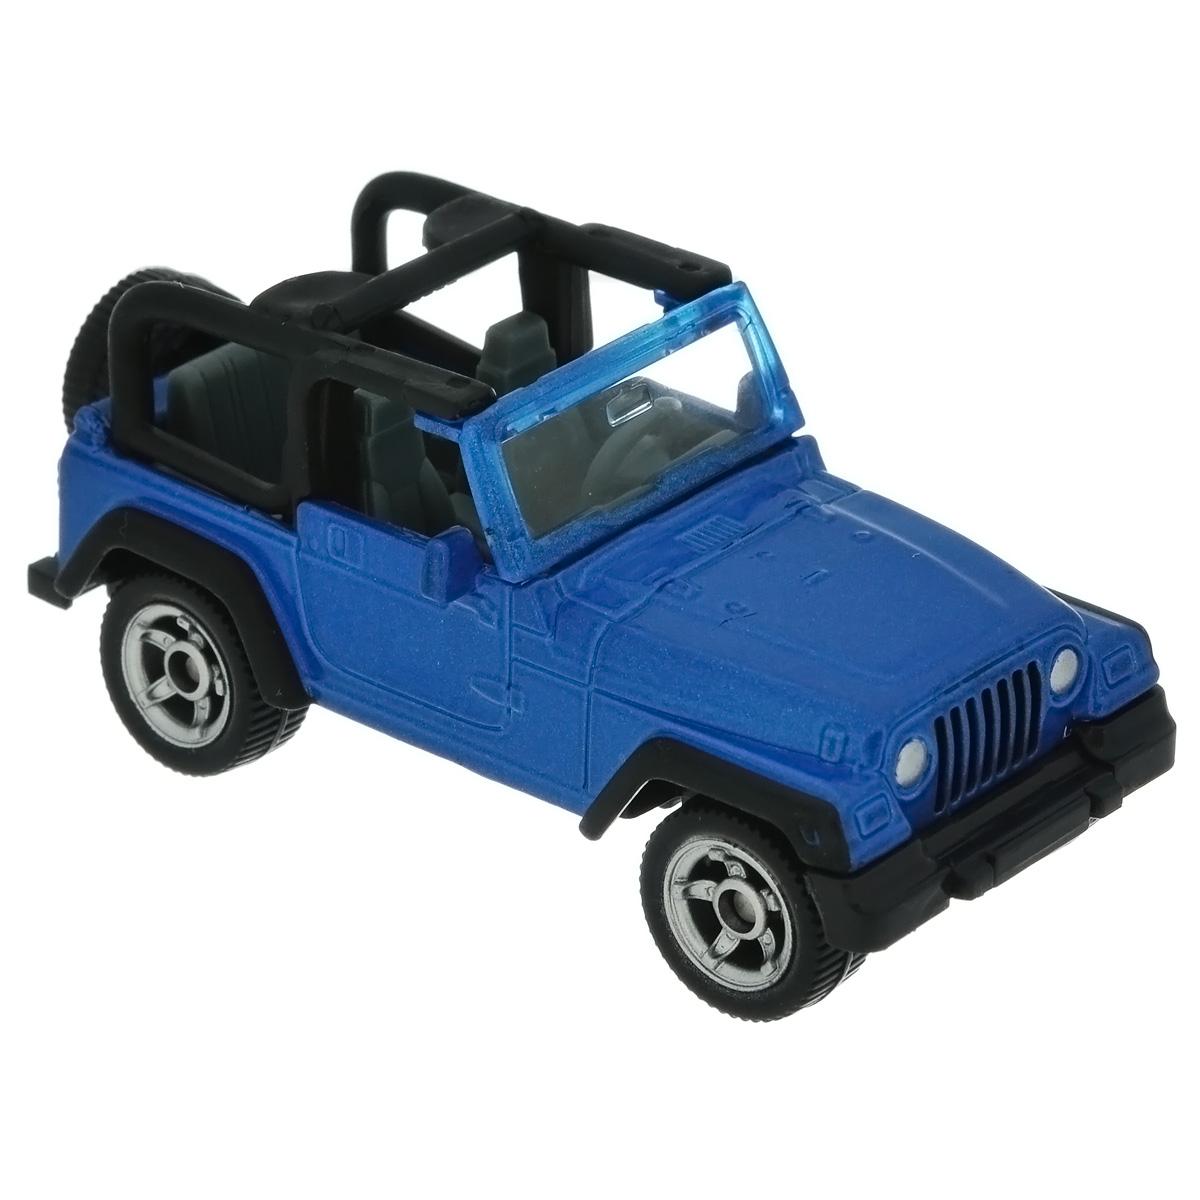 Siku Модель автомобиля Jeep Wrangler1342Коллекционная модель Siku Jeep Wrangler представляет собой точную уменьшенную копию джипа. Такая модель понравится не только ребенку, но и взрослому коллекционеру, и приятно удивит вас высочайшим качеством исполнения. Модель выполнена из металла с элементами из пластика; прорезиненные колеса крутятся. Отличный подарок для любителей автомобилей!